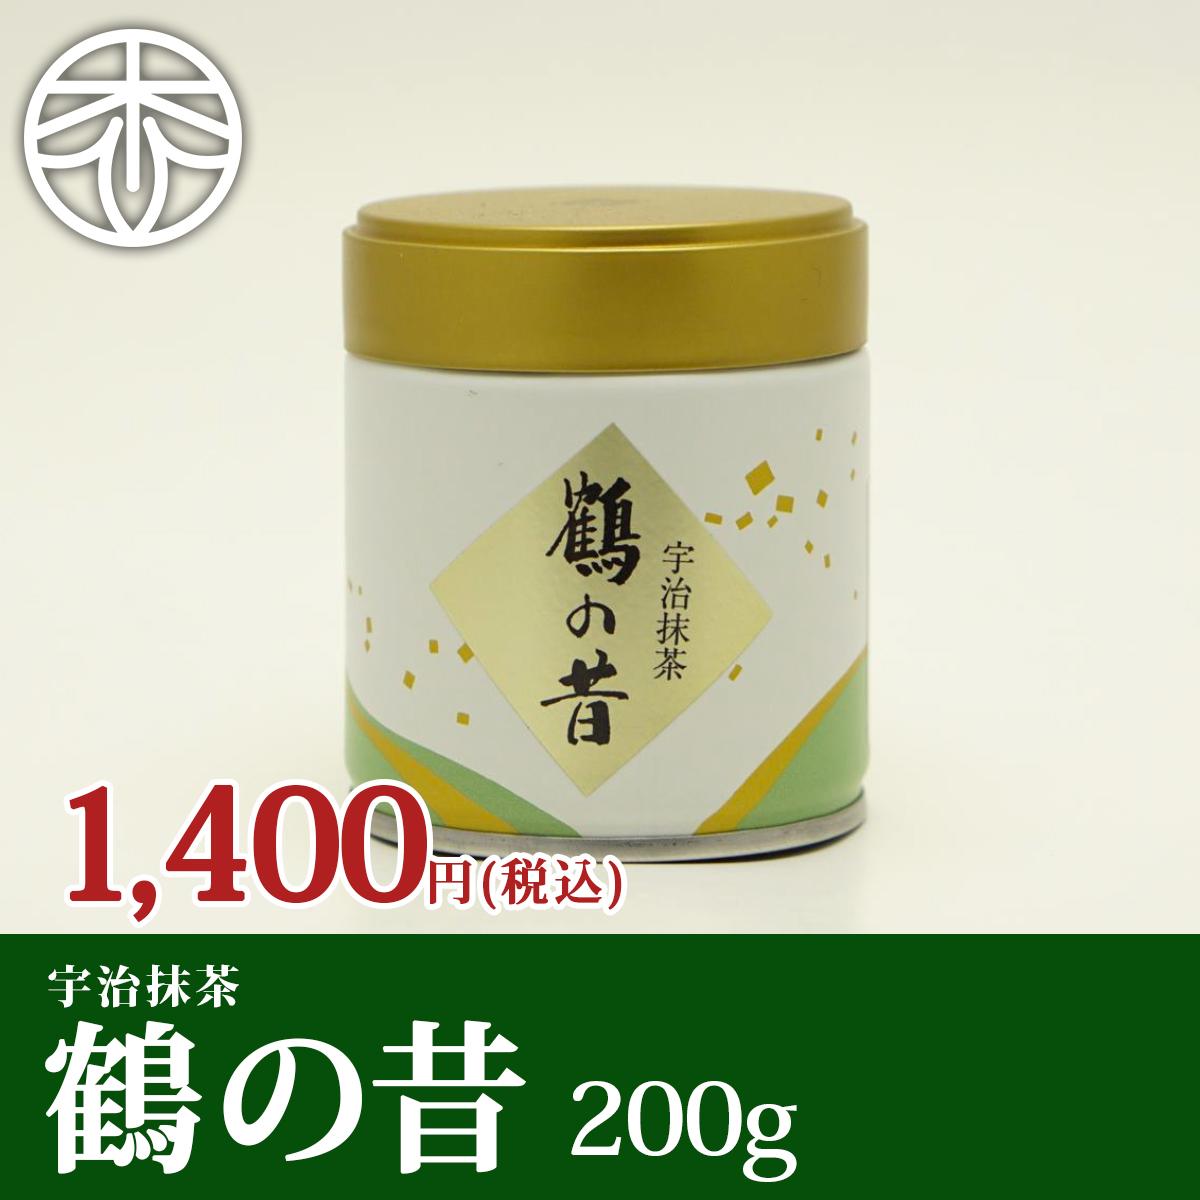 まろやかな味わいの宇治抹茶 宇治抹茶 鶴の昔 40g(旧「松の昔」)  宇治茶の木谷製茶場